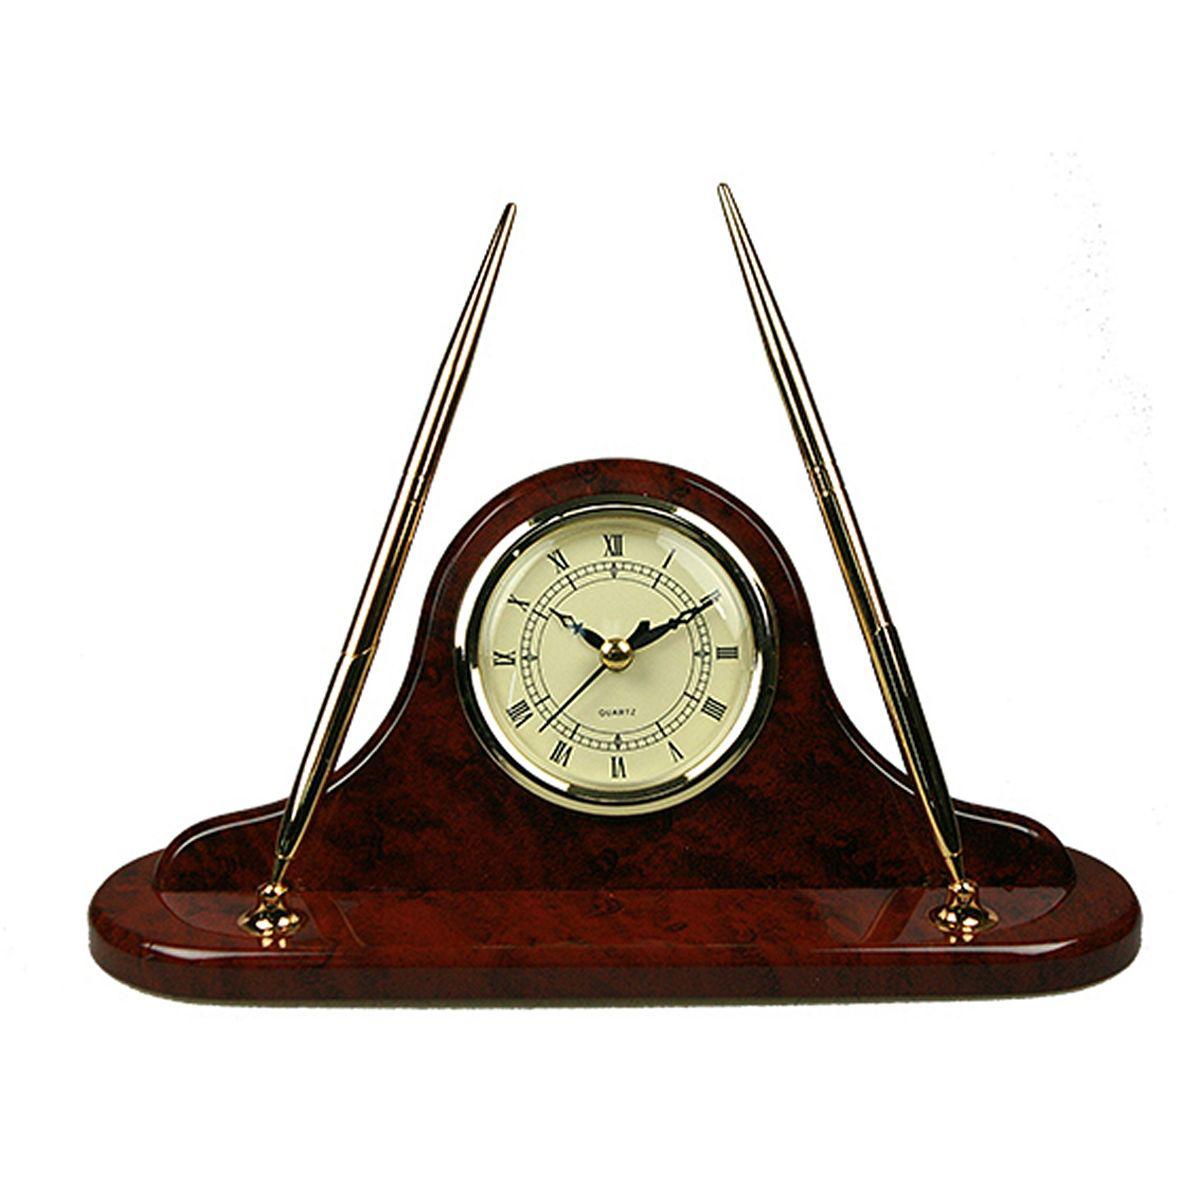 Часы настольные Русские Подарки Brigant, с ручкой, 27 х 13 х 8 см. 2815228152Настольные кварцевые часы Русские Подарки Brigant изготовлены из МДФ,циферблат защищен стеклом. В корпусе удобно расположены держатели для двух шариковых ручек. Часы имеют три стрелки - часовую, минутную и секундную.Такие часы красиво и необычно оформят интерьер дома или рабочий стол в офисе. Также часы могут стать уникальным, полезным подарком для родственников, коллег, знакомых и близких.